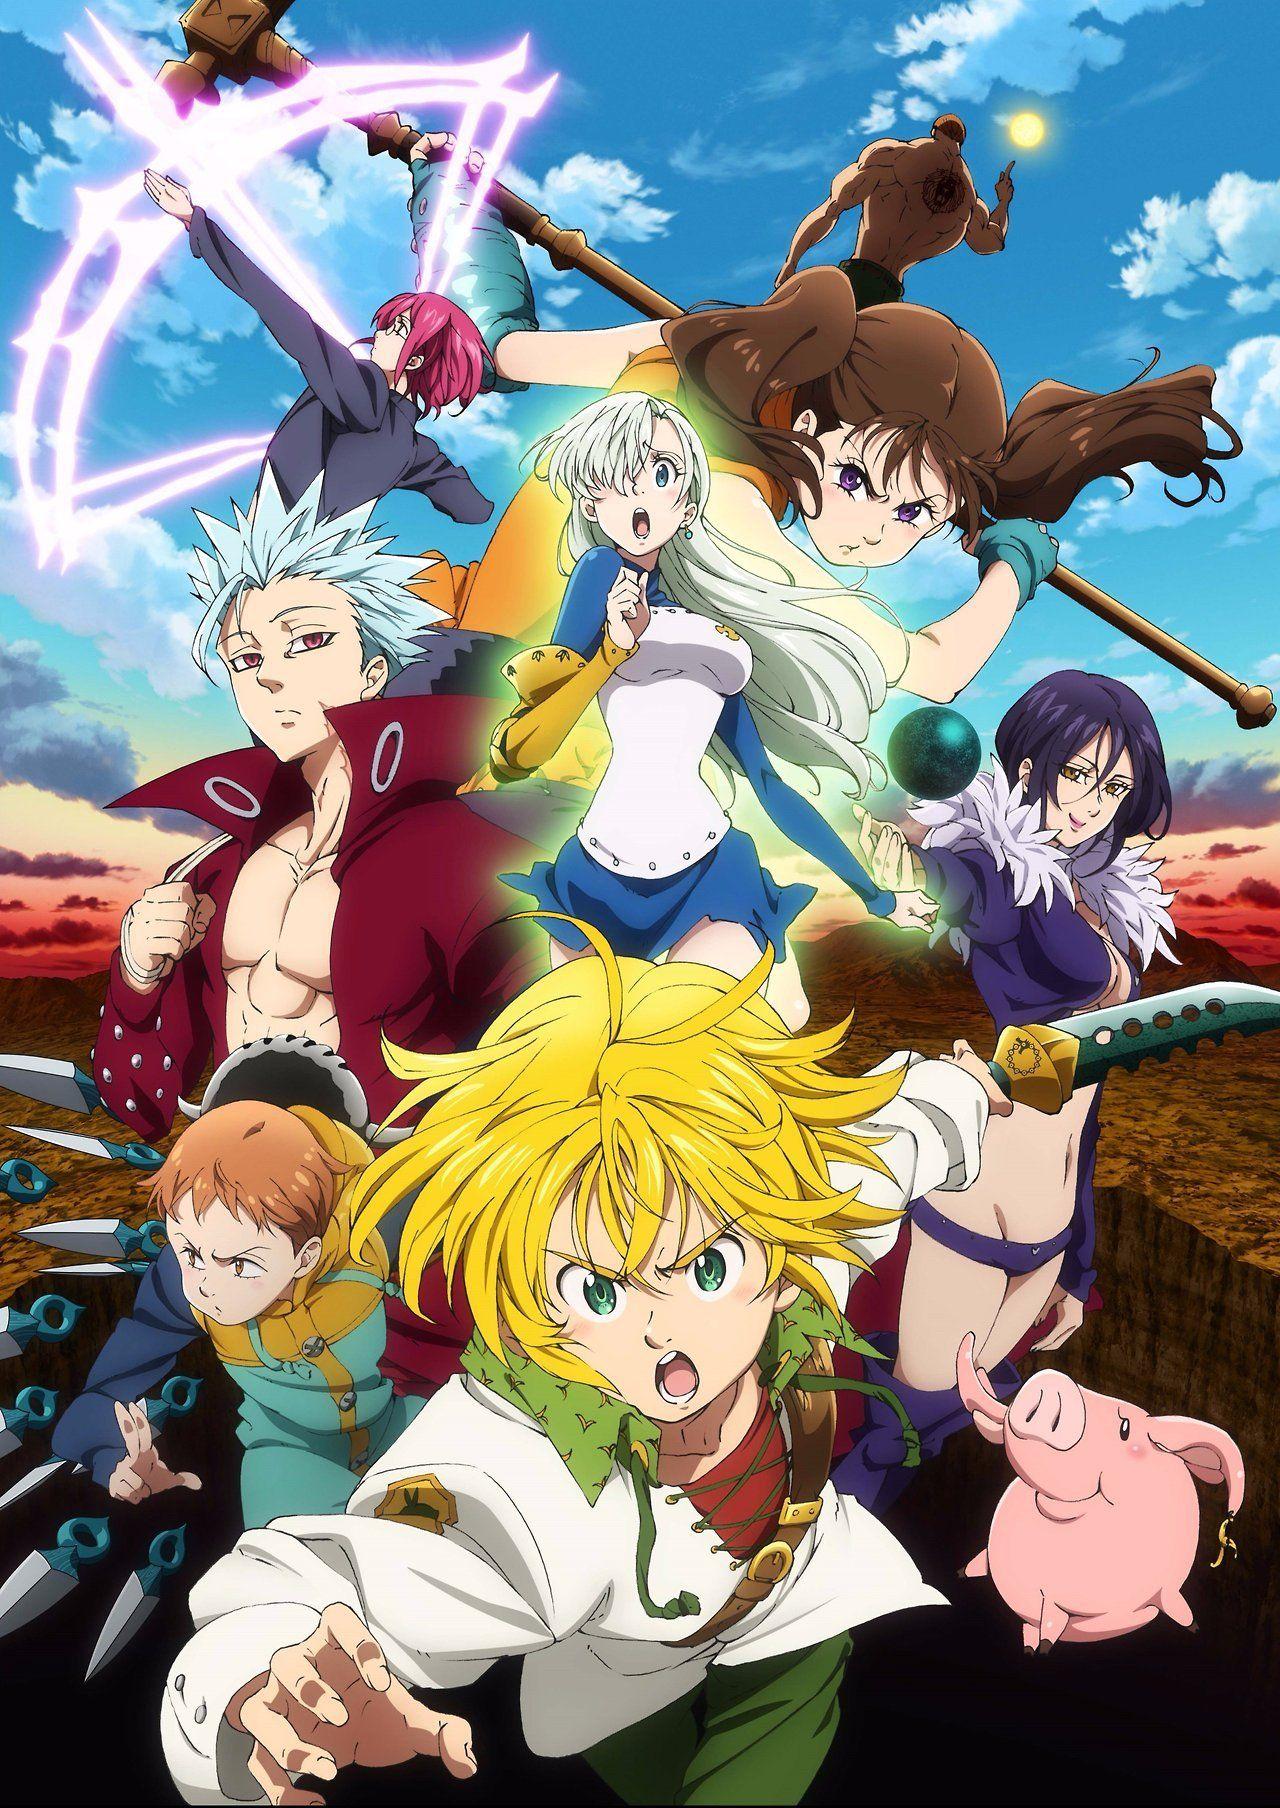 Onde eu posso ver a 2 temporada de nanatsu me ajudem anime seven deadly